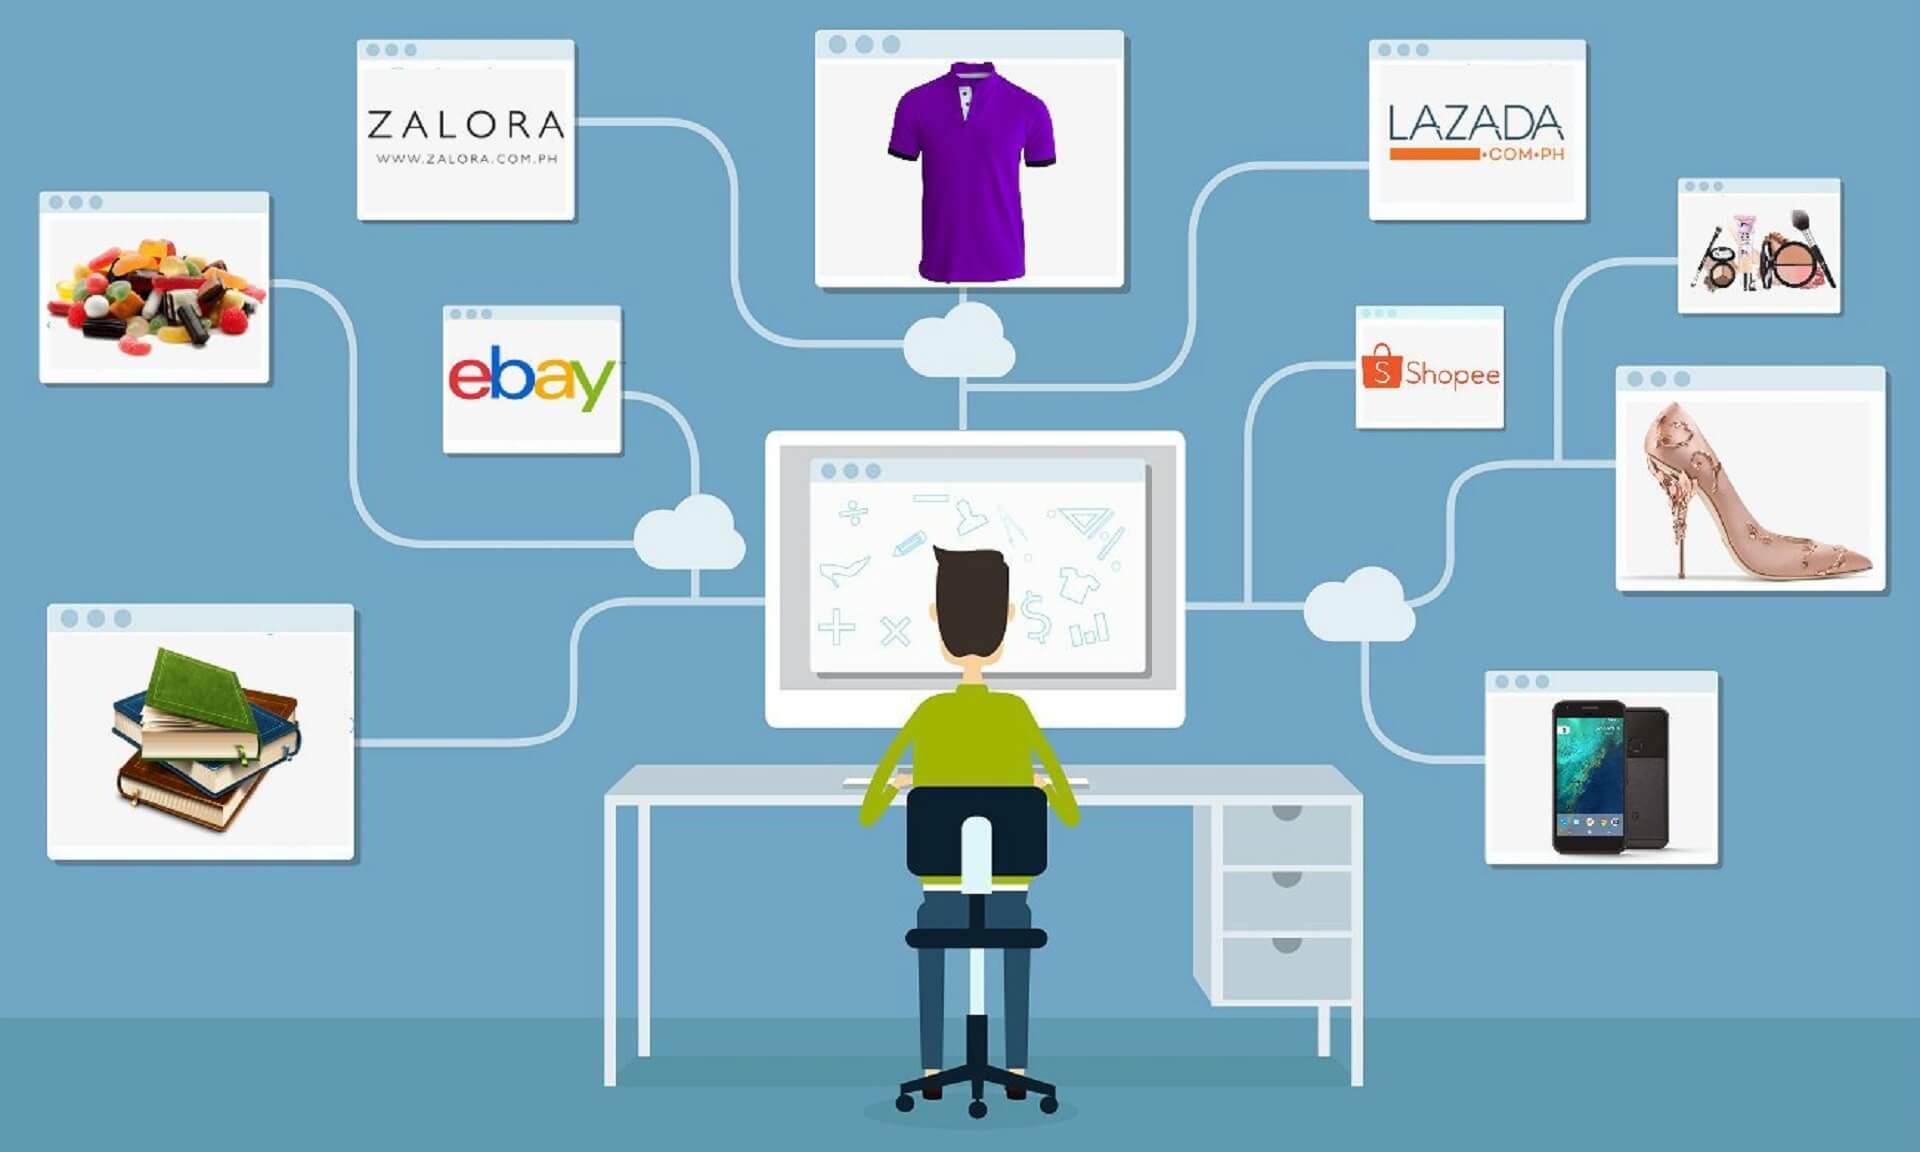 Hướng dẫn Kinh doanh online thành công cho người mới bắt đầu 2021